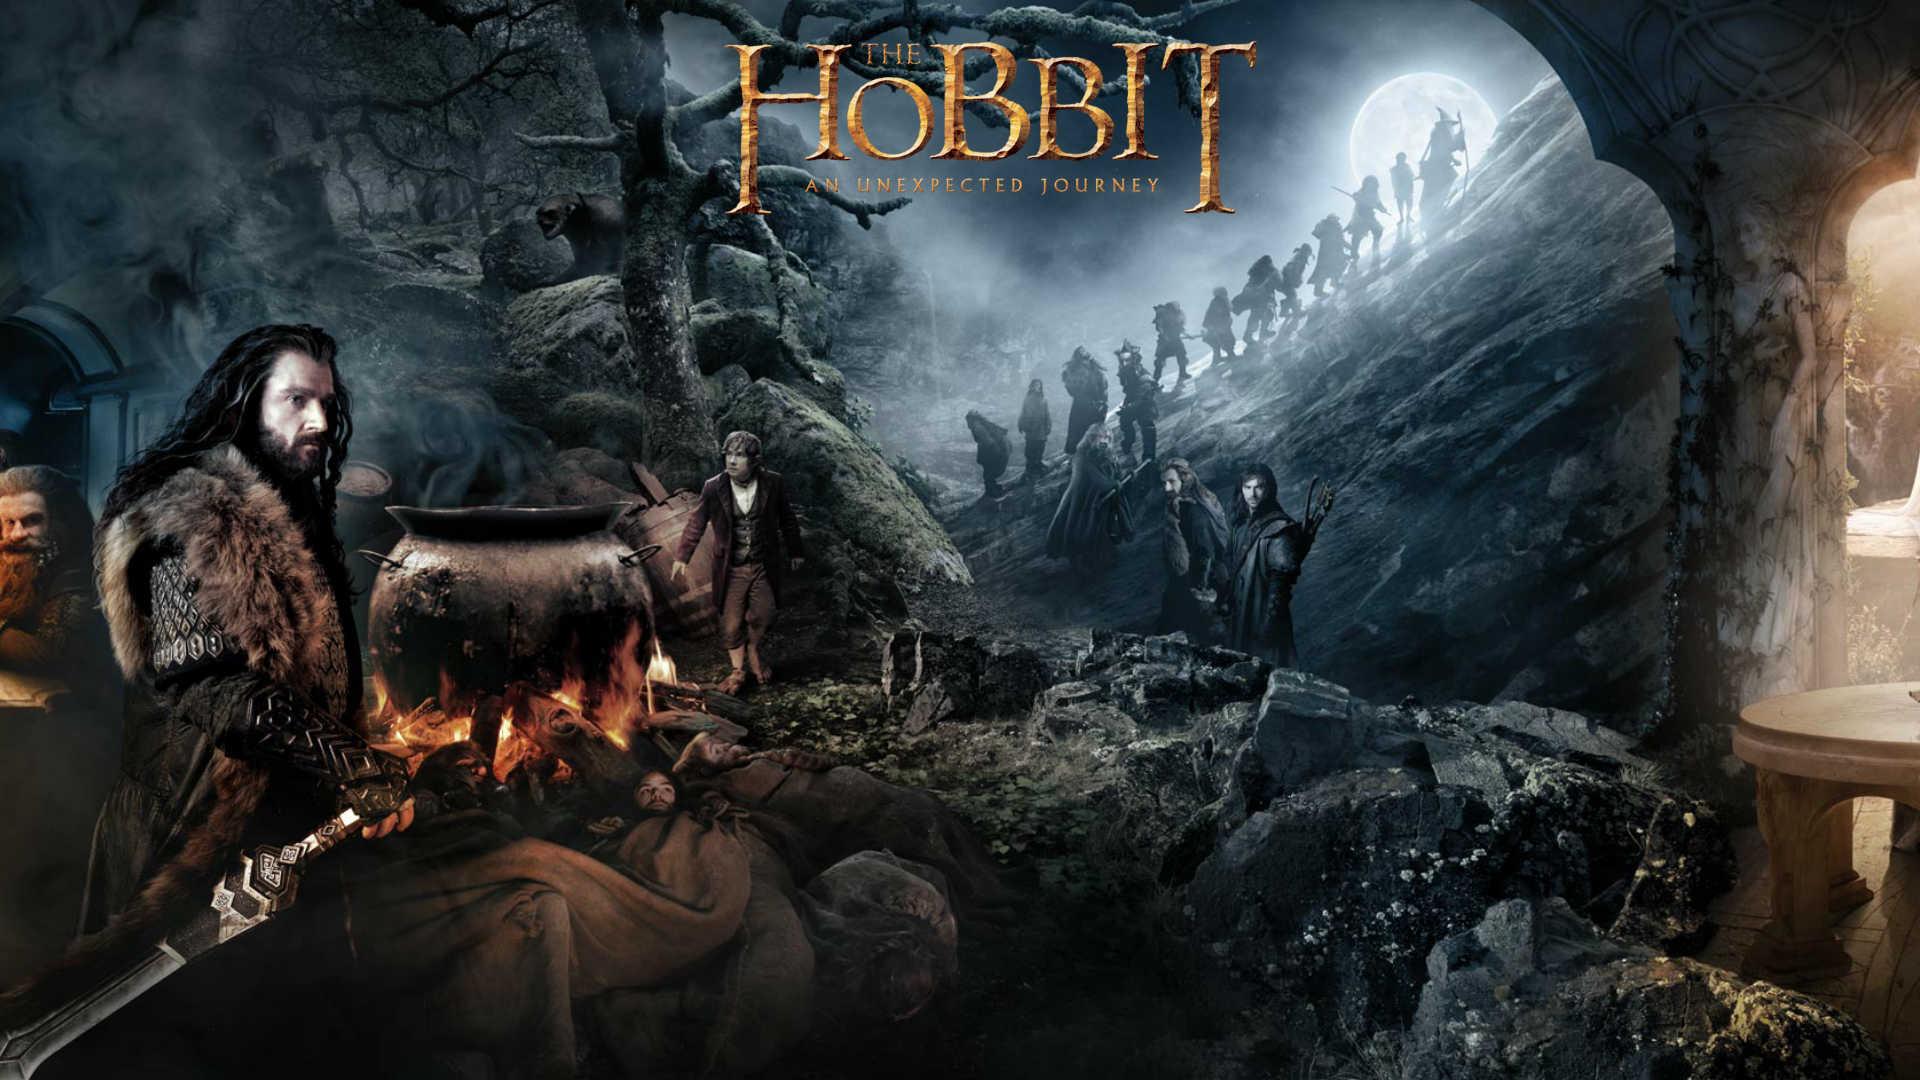 1920x1080px The Hobbit Desktop Wallpapers 1920x1080